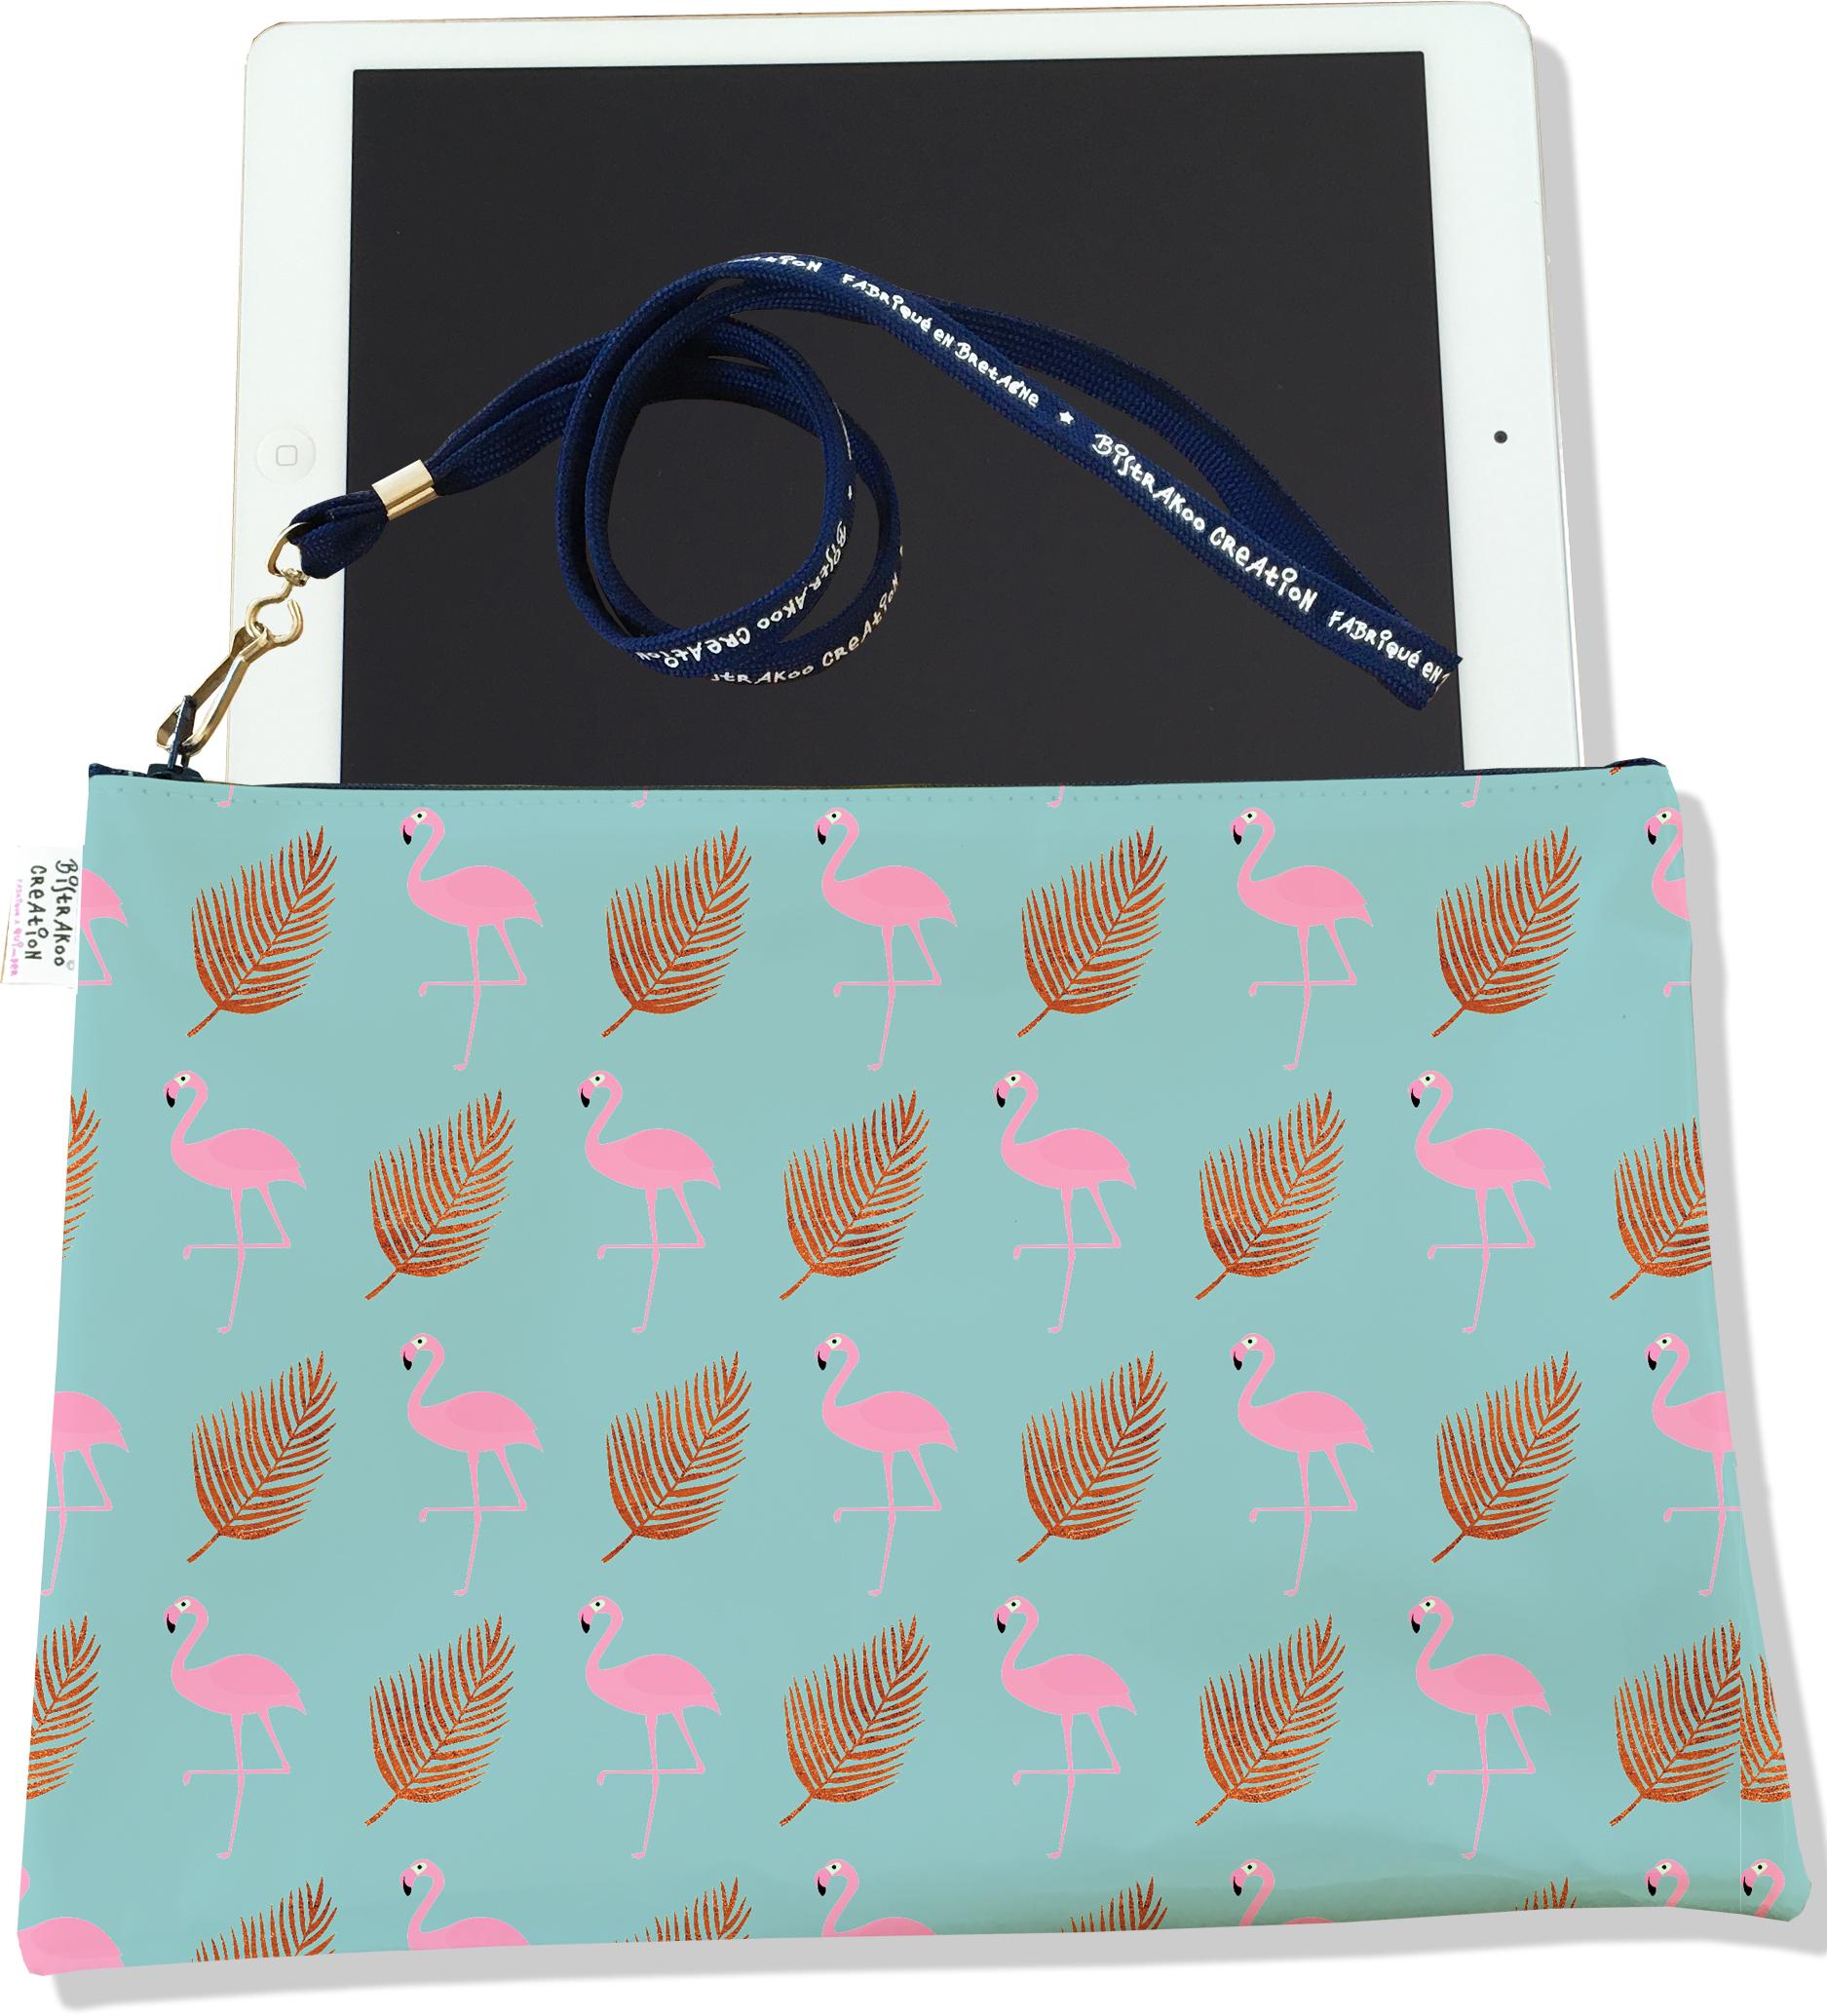 Housse pour tablette pour femme motif Flamants roses fond bleu 3219-2017